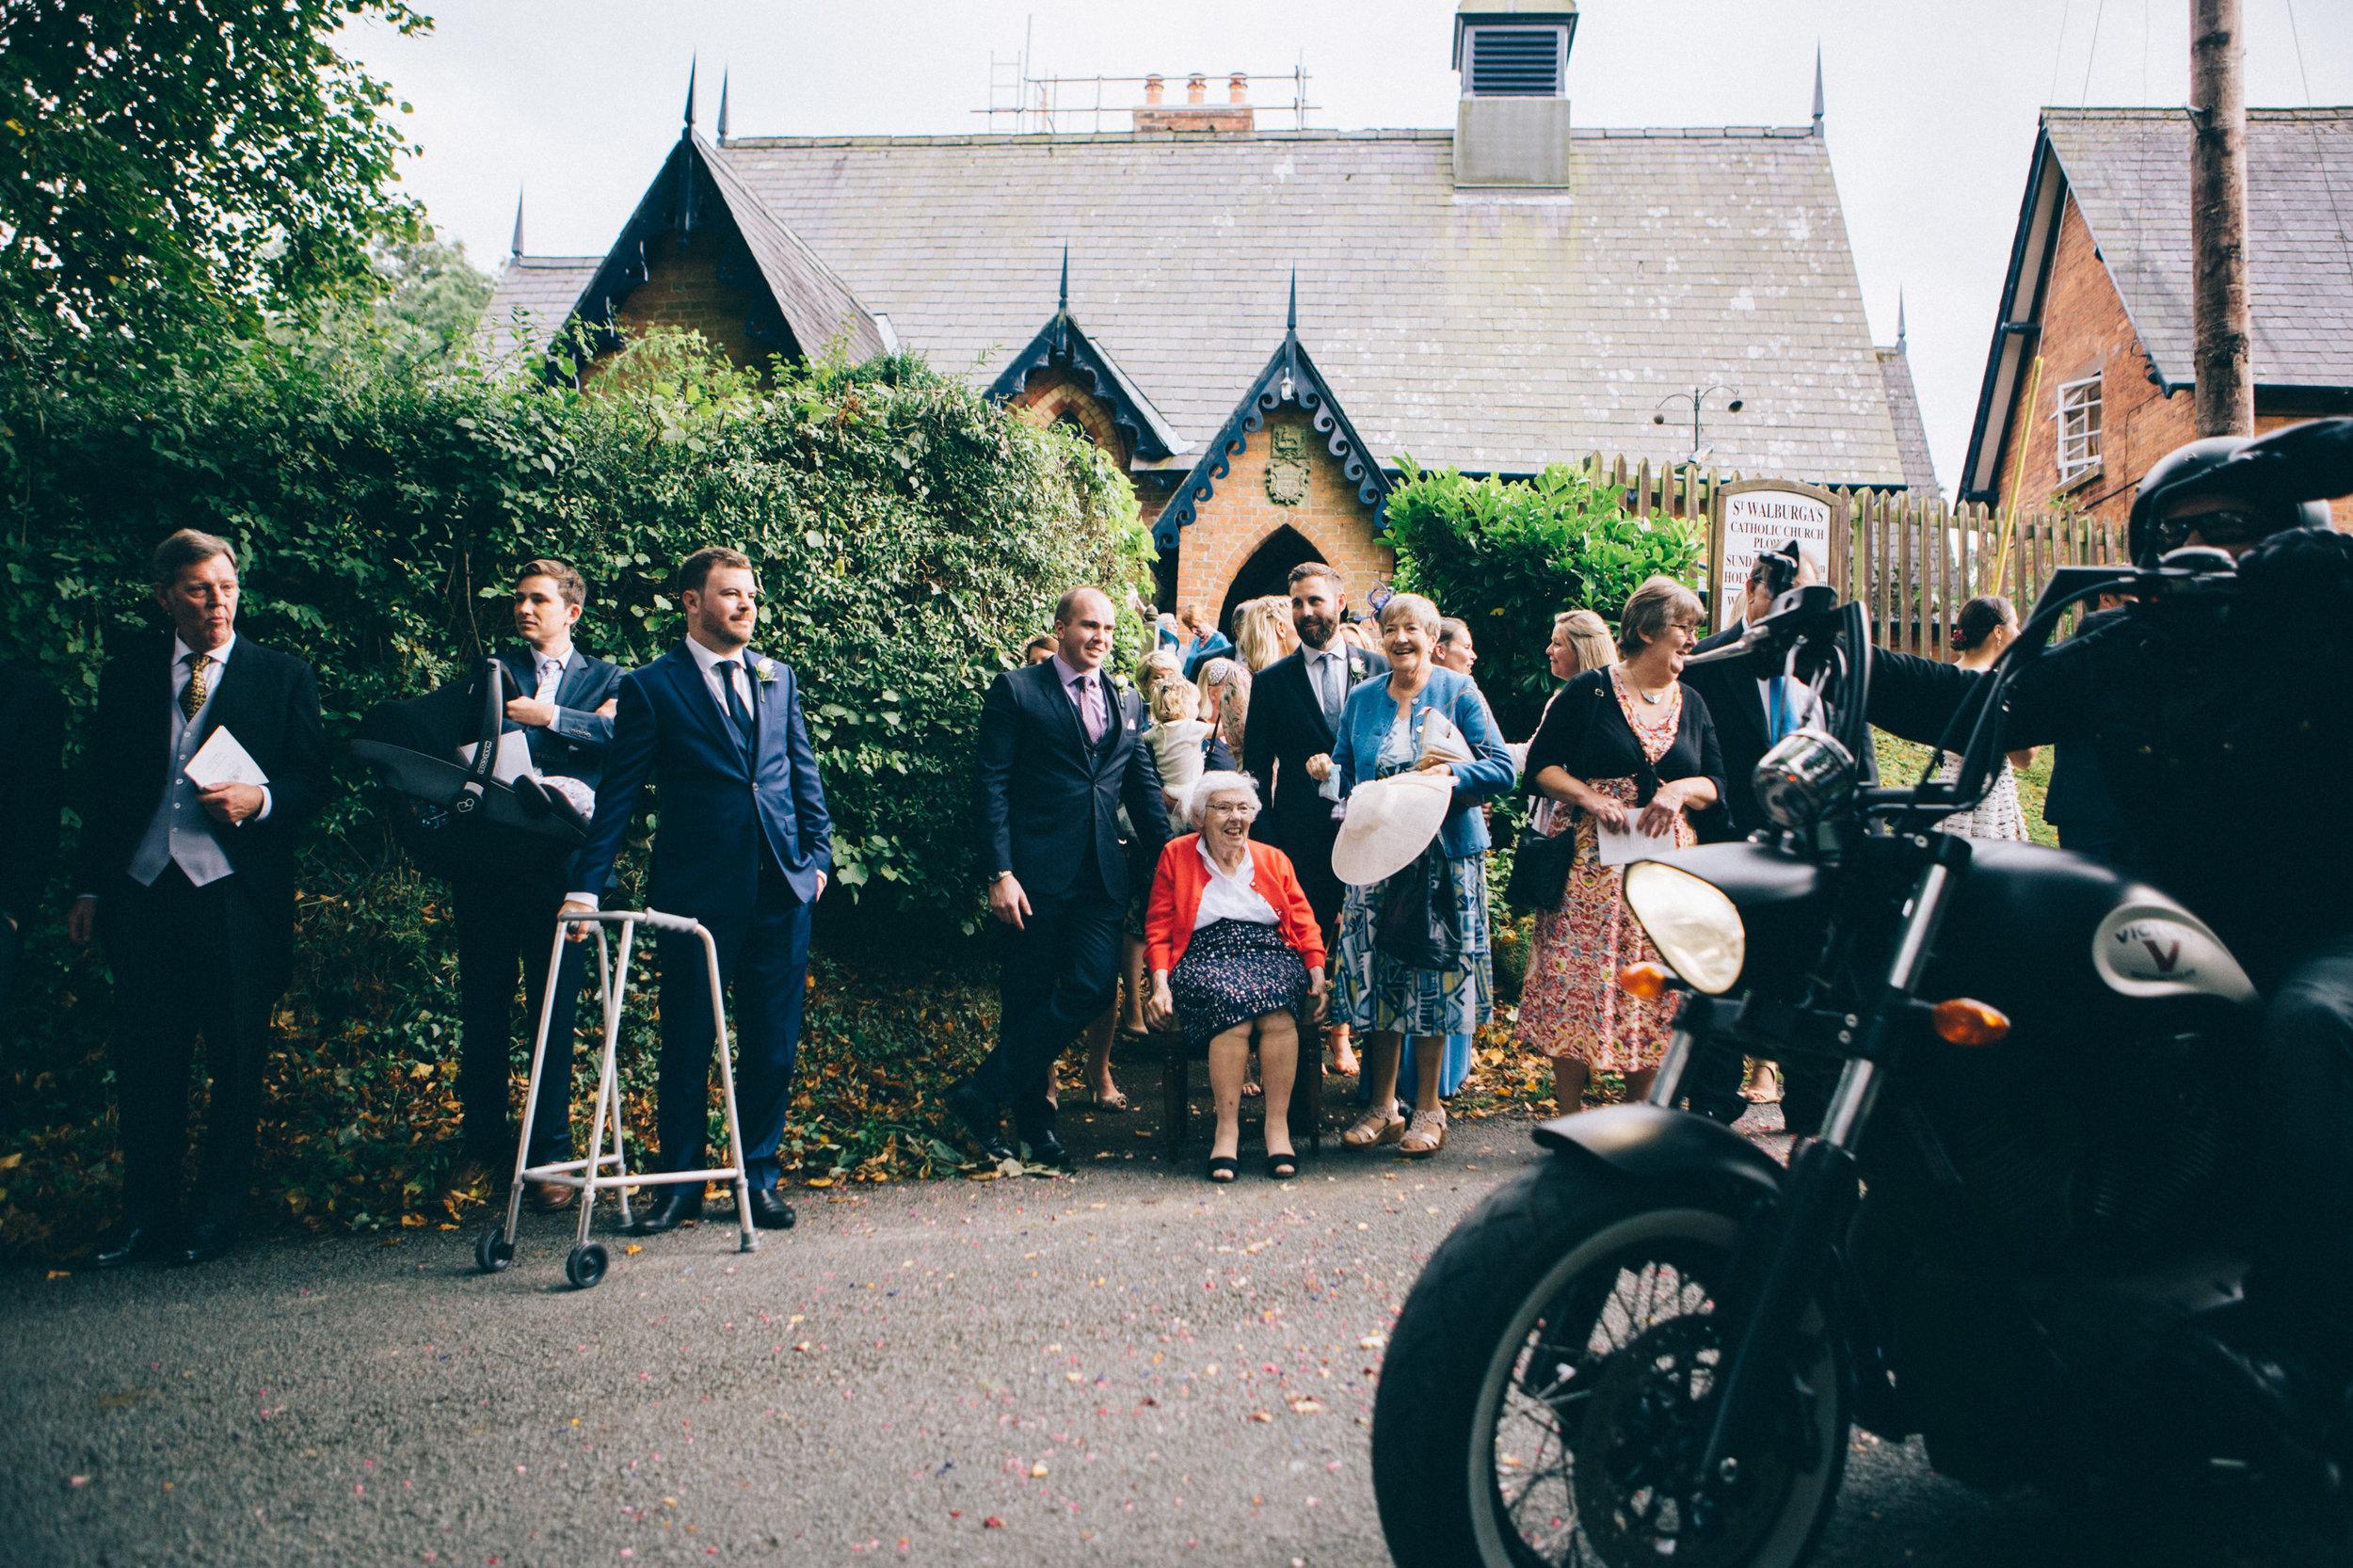 uk wedding photographer artistic wedding photography-80.jpg